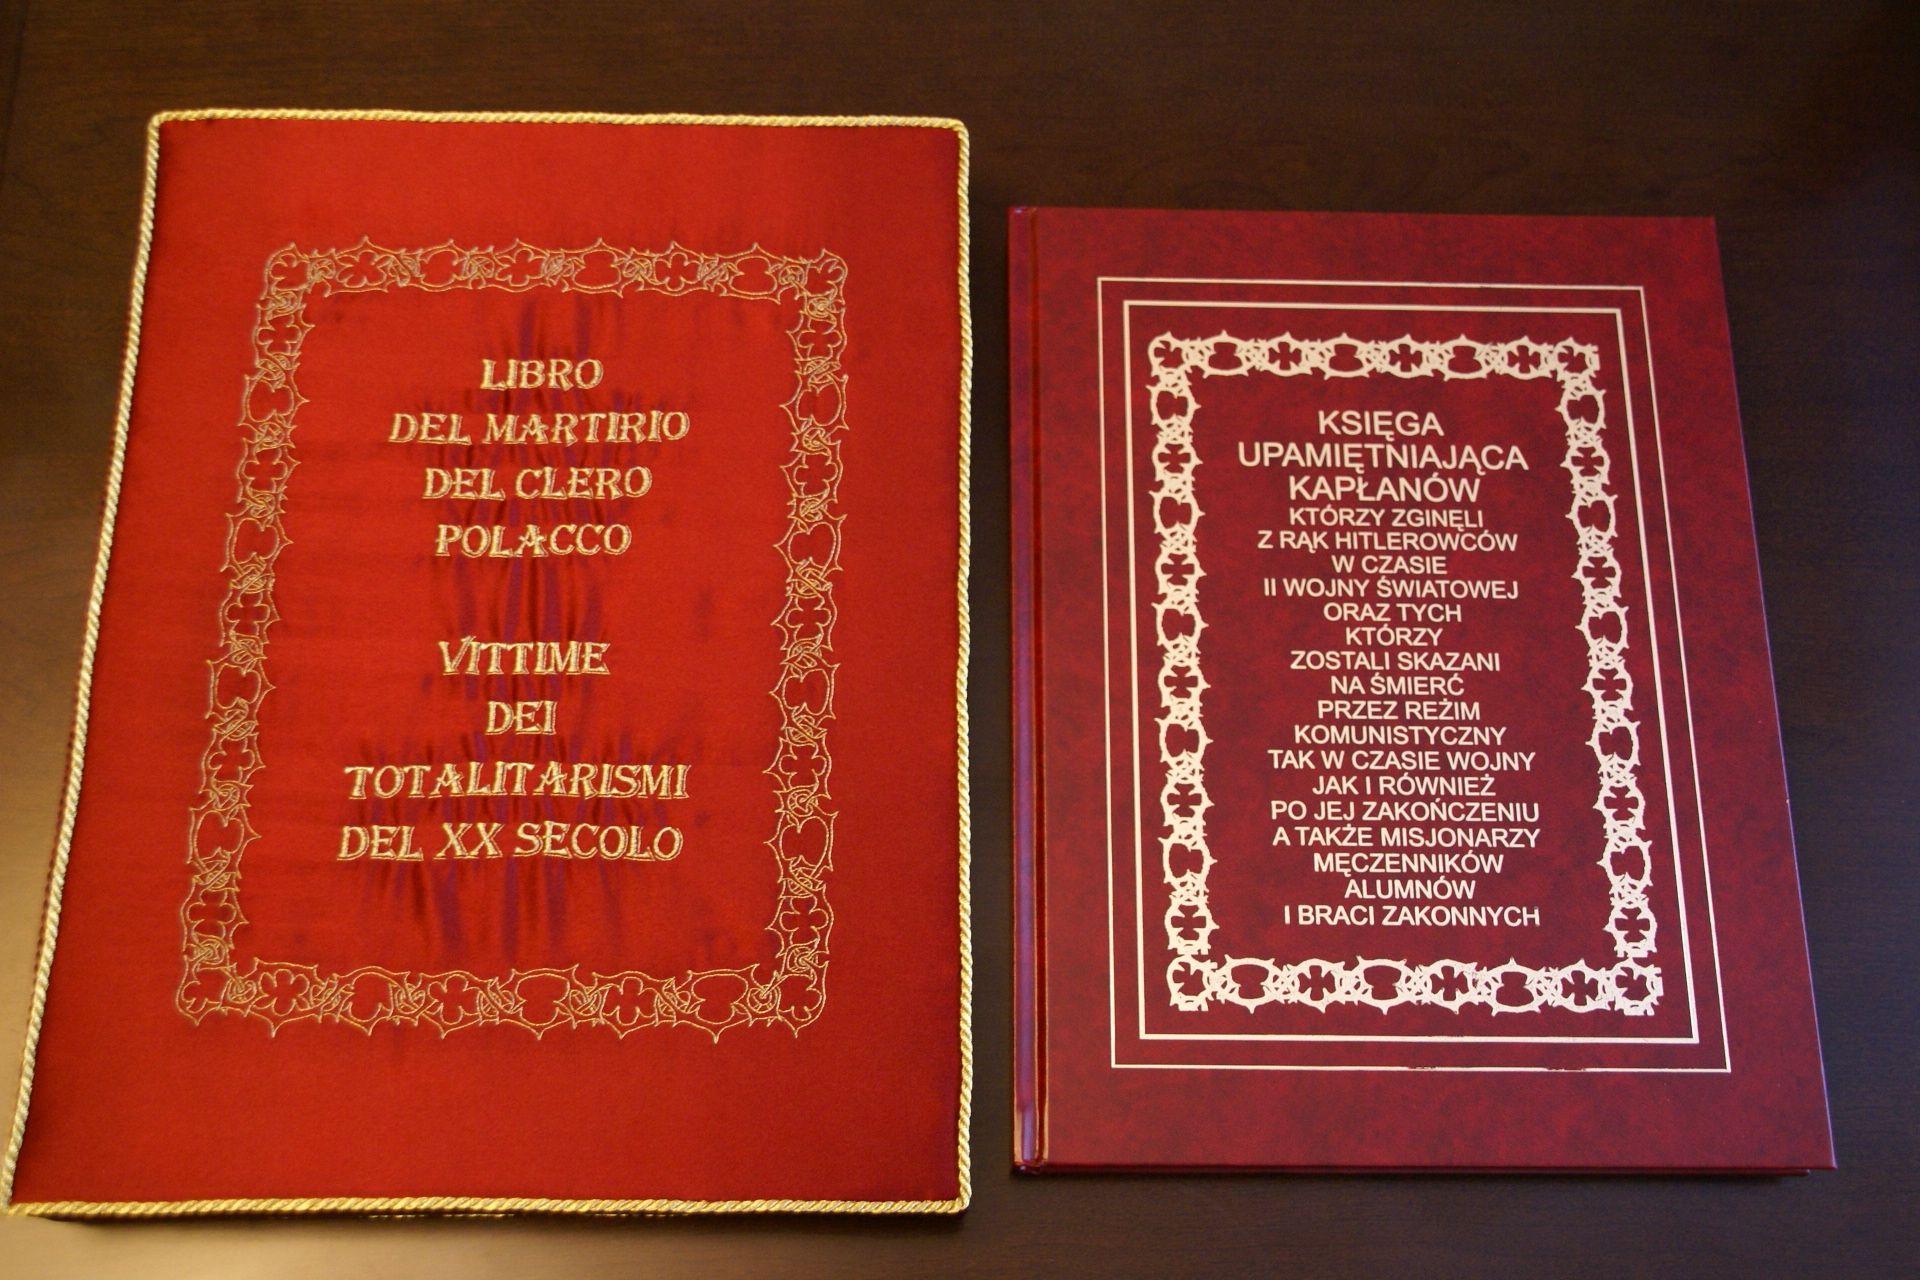 księga upamiętniającą kapłanów - męczenników II wojny światowej i reżimu komunistycznego, a także misjonarzy, którzy zginęli na misjach.